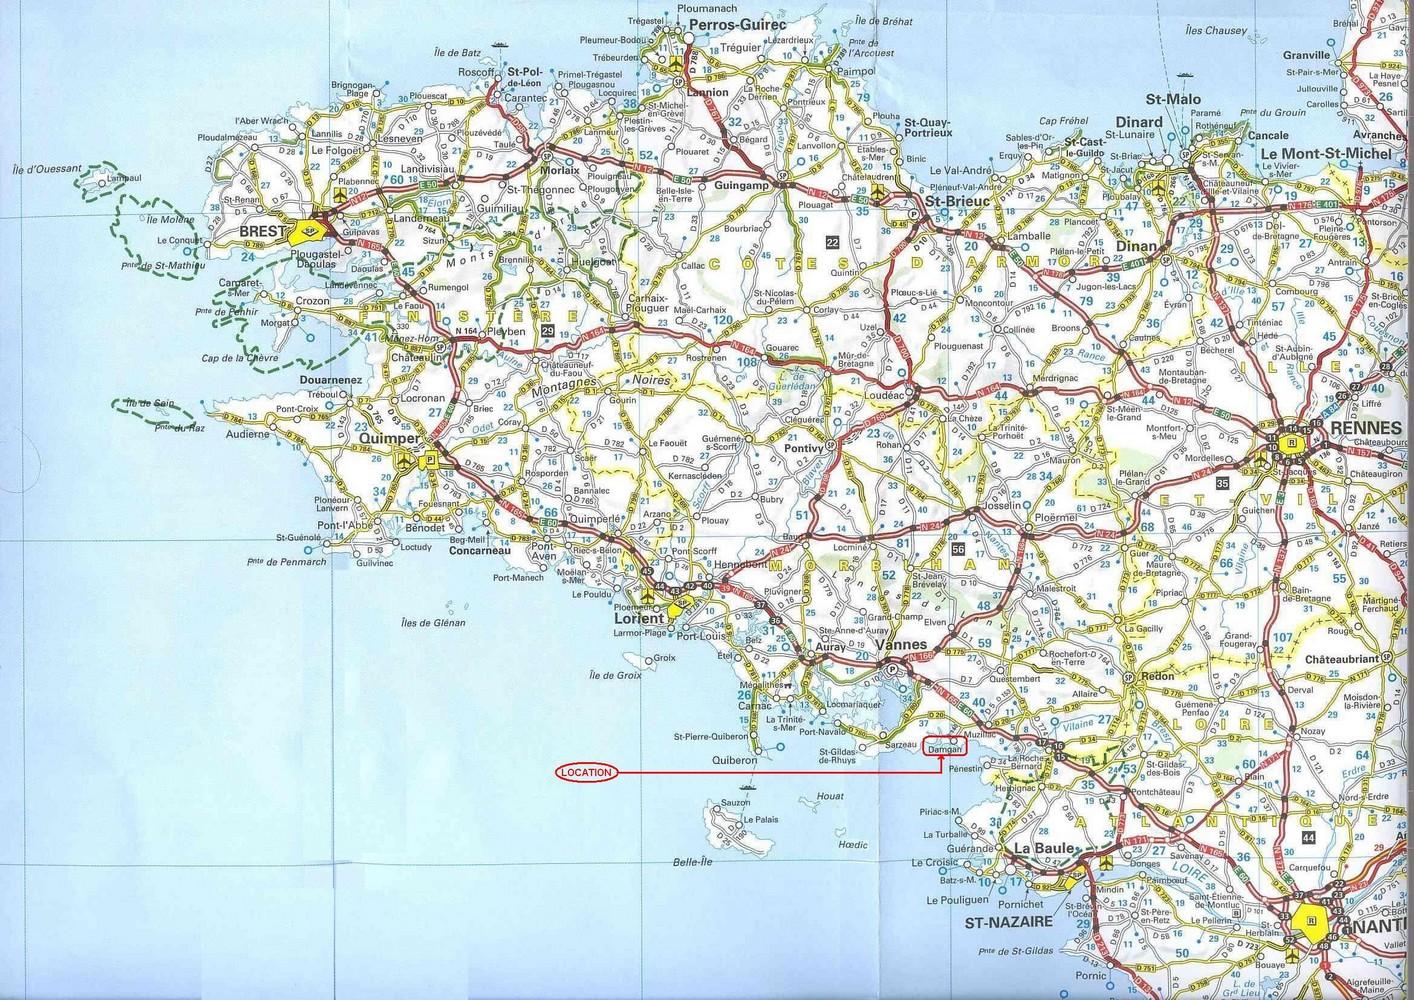 carte de bretagne sud